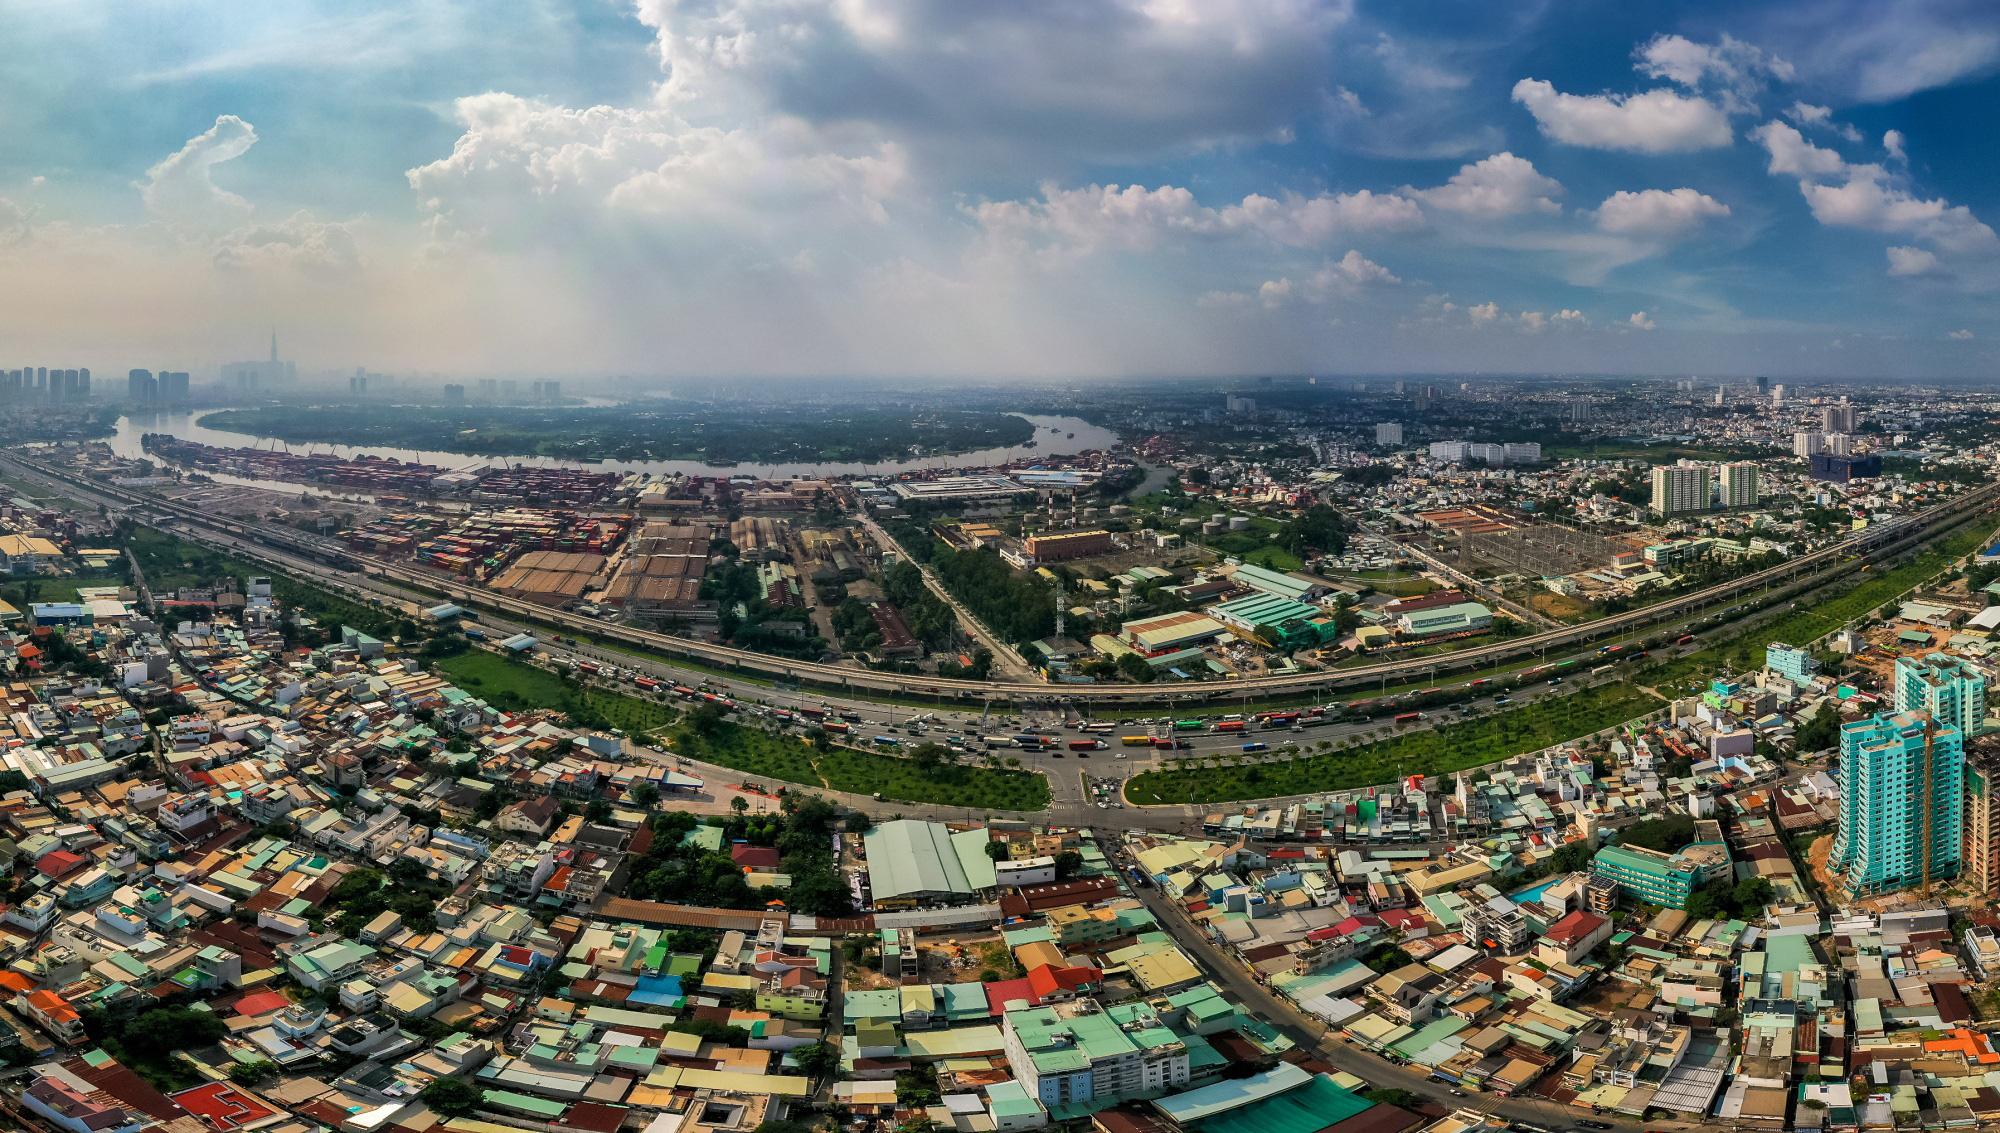 Giá đất Trường Thọ tăng vọt theo đề án thành phố Thủ Đức - Ảnh 3.